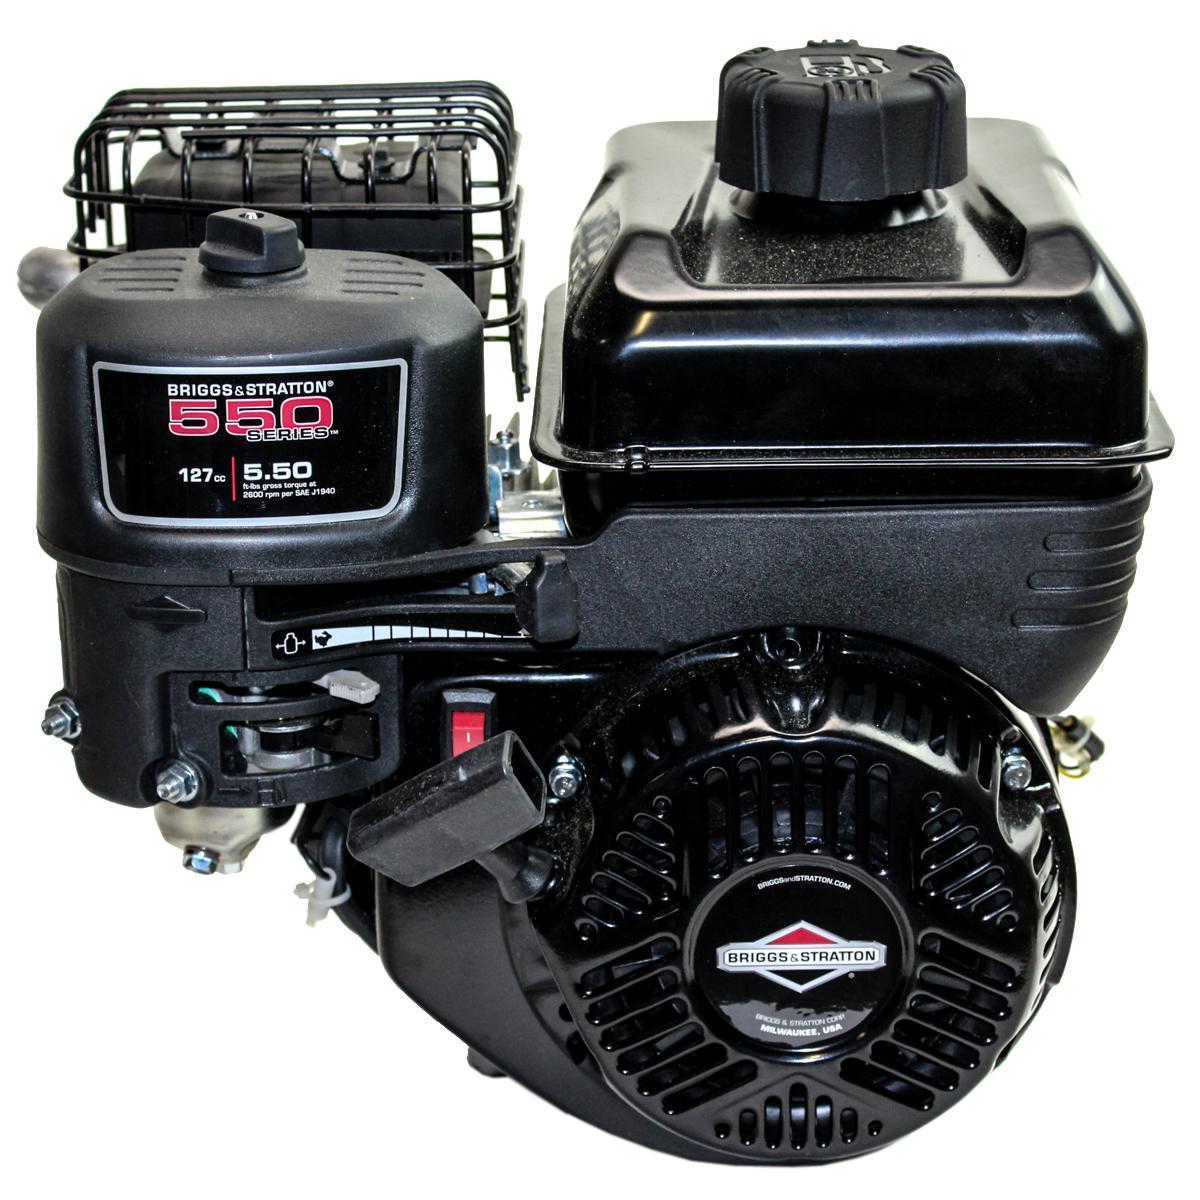 Search Results Briggs Stratton Engine Model 128802 83132 1211